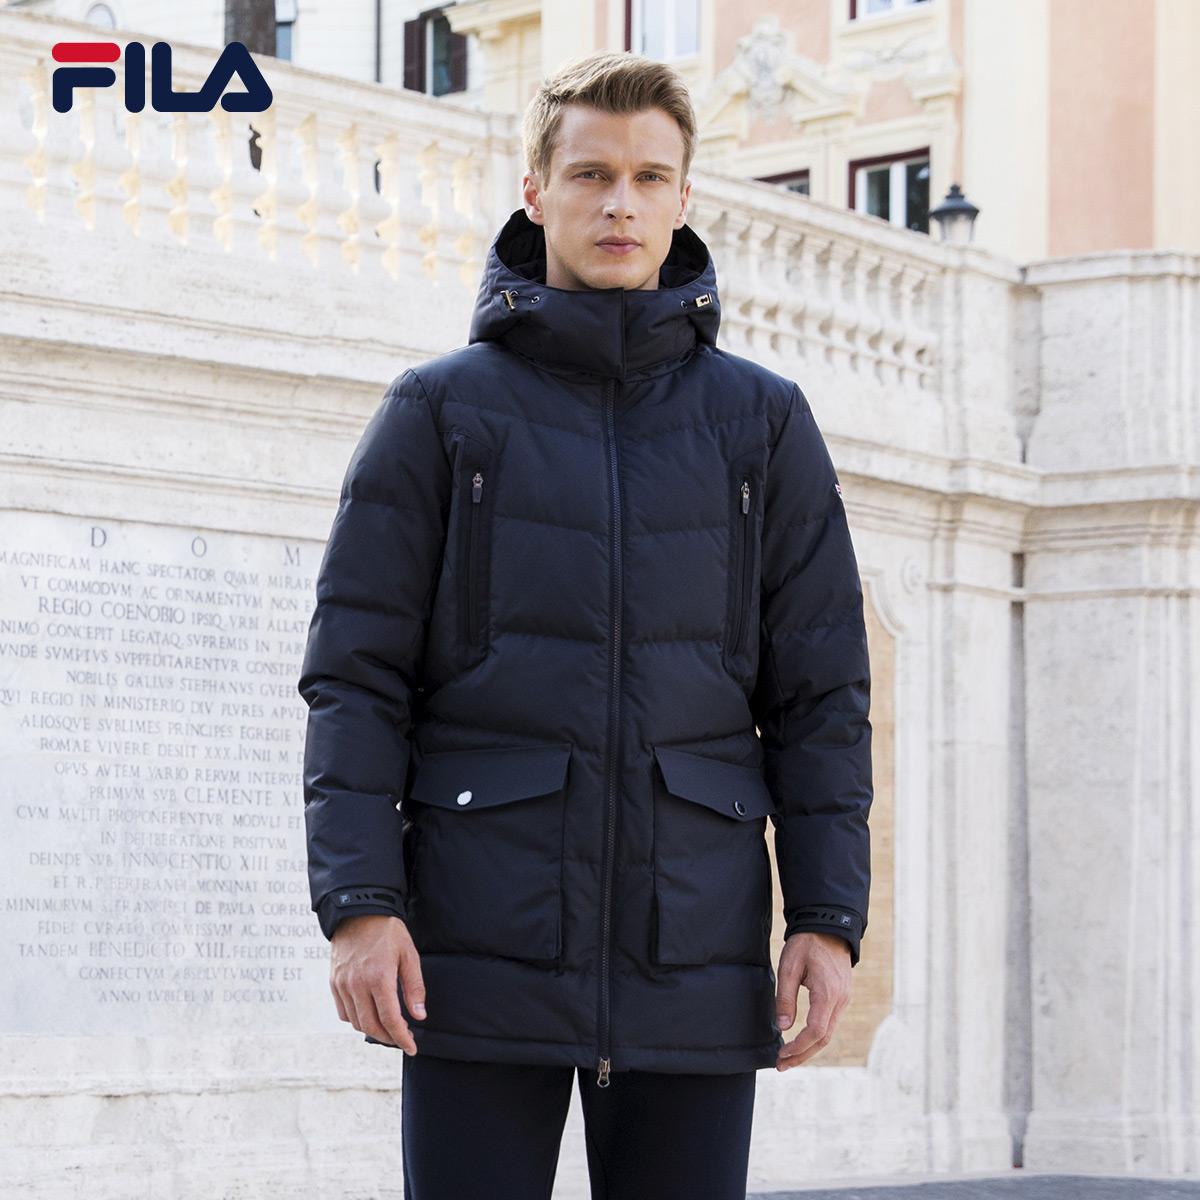 94f8672eff42 FILA Feile men s down jacket 2017 Winter new sports hooded windproof warm  jacket sportswear